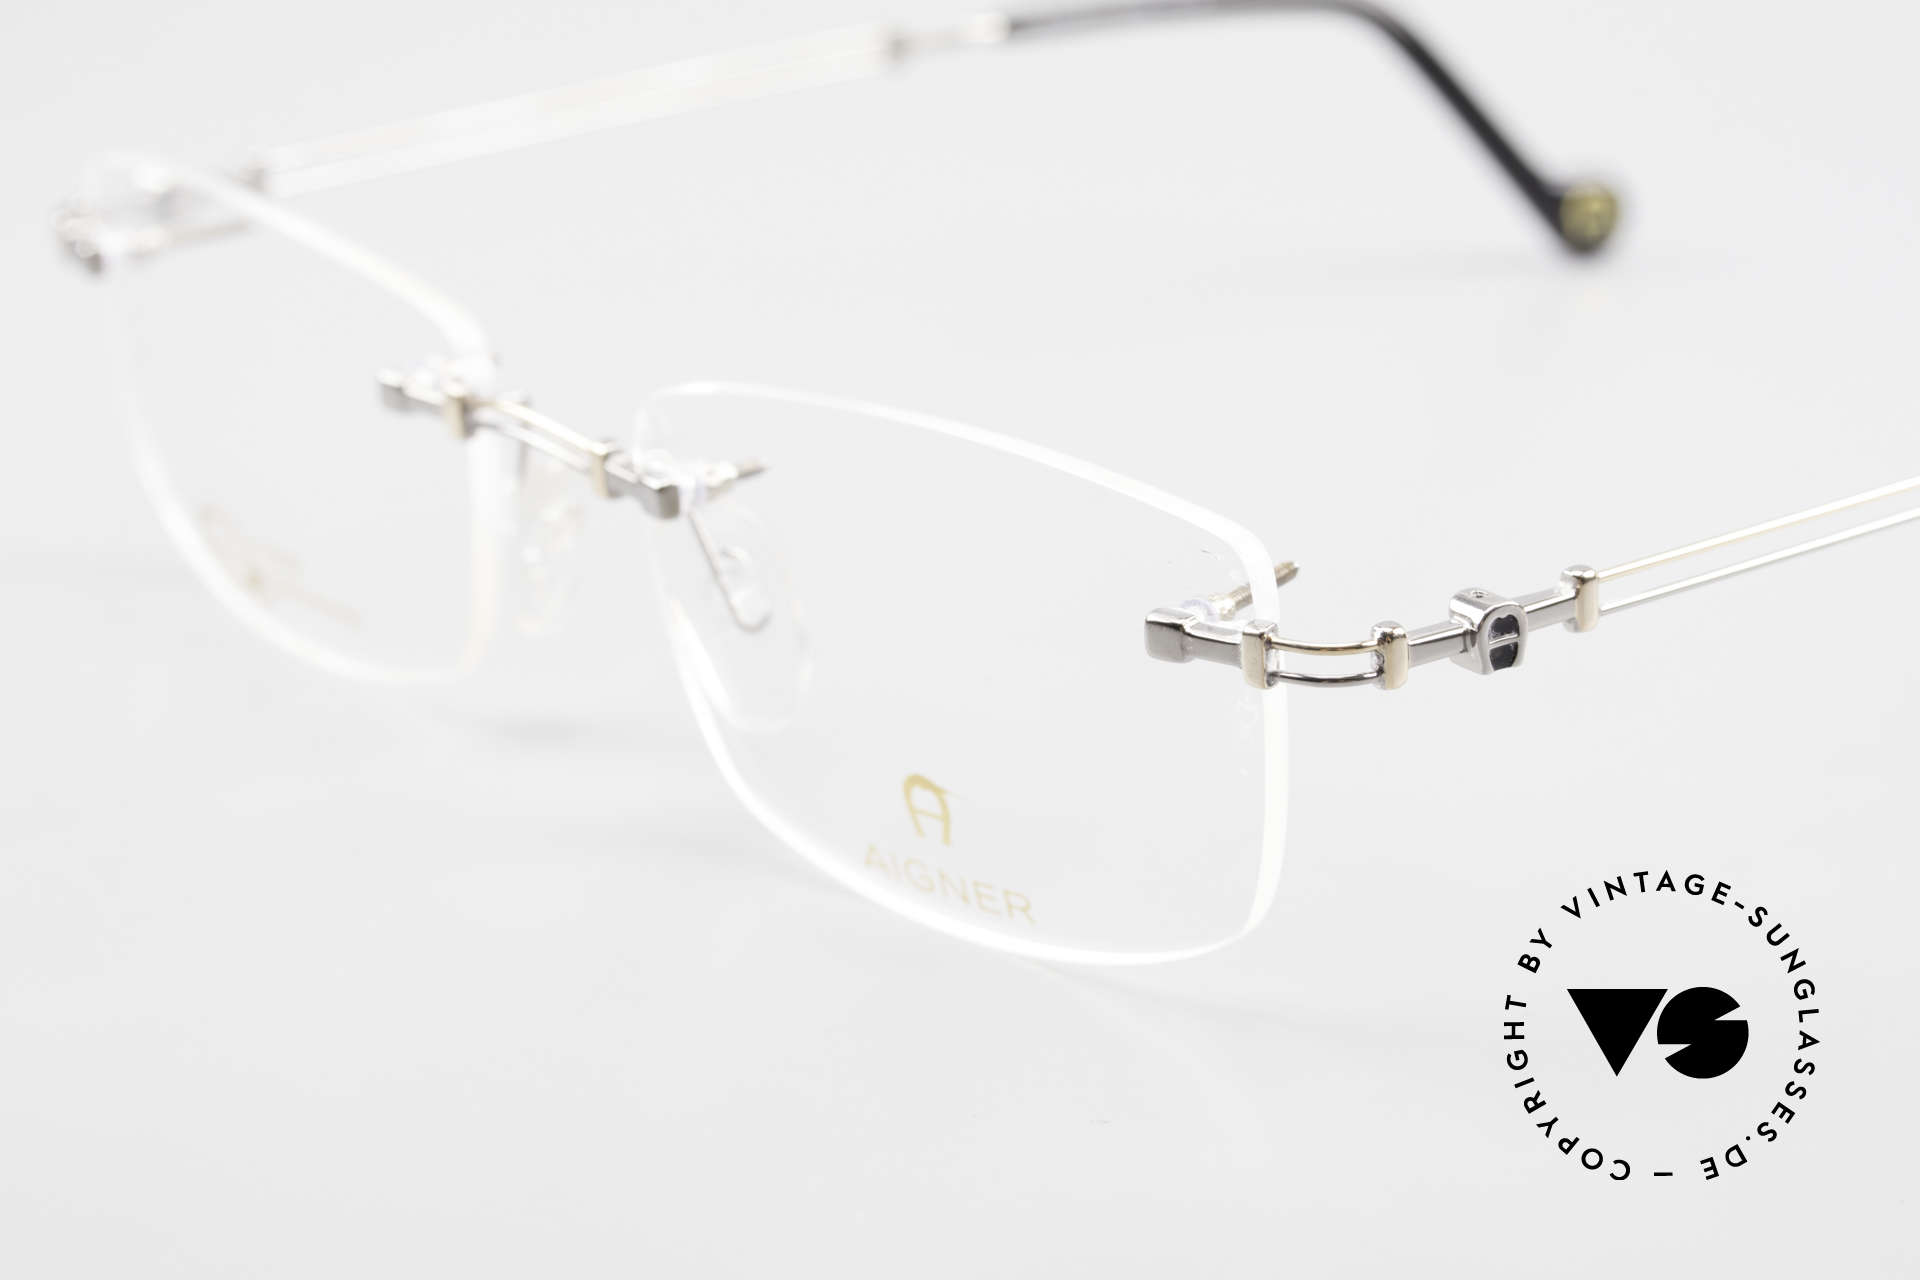 Aigner EA498 Randlose 90er Brille Unisex, allergiefrei & teils 18kt vergoldet (angenehm zu tragen), Passend für Herren und Damen